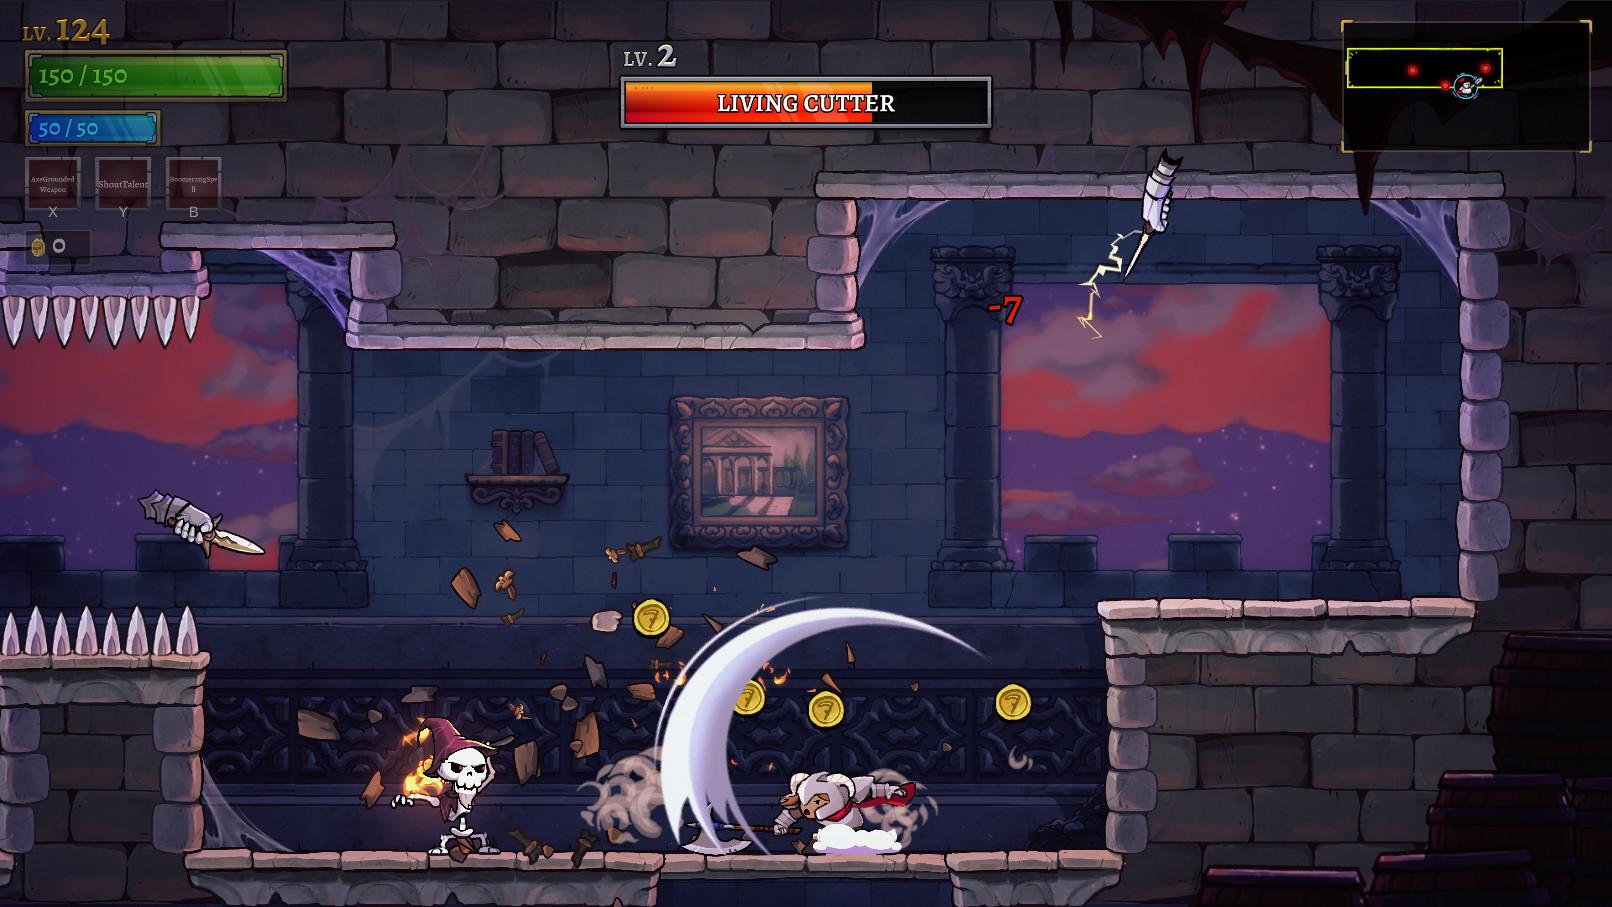 横版硬核动作游戏《盗贼遗产2》3DM汉化V2.0发布